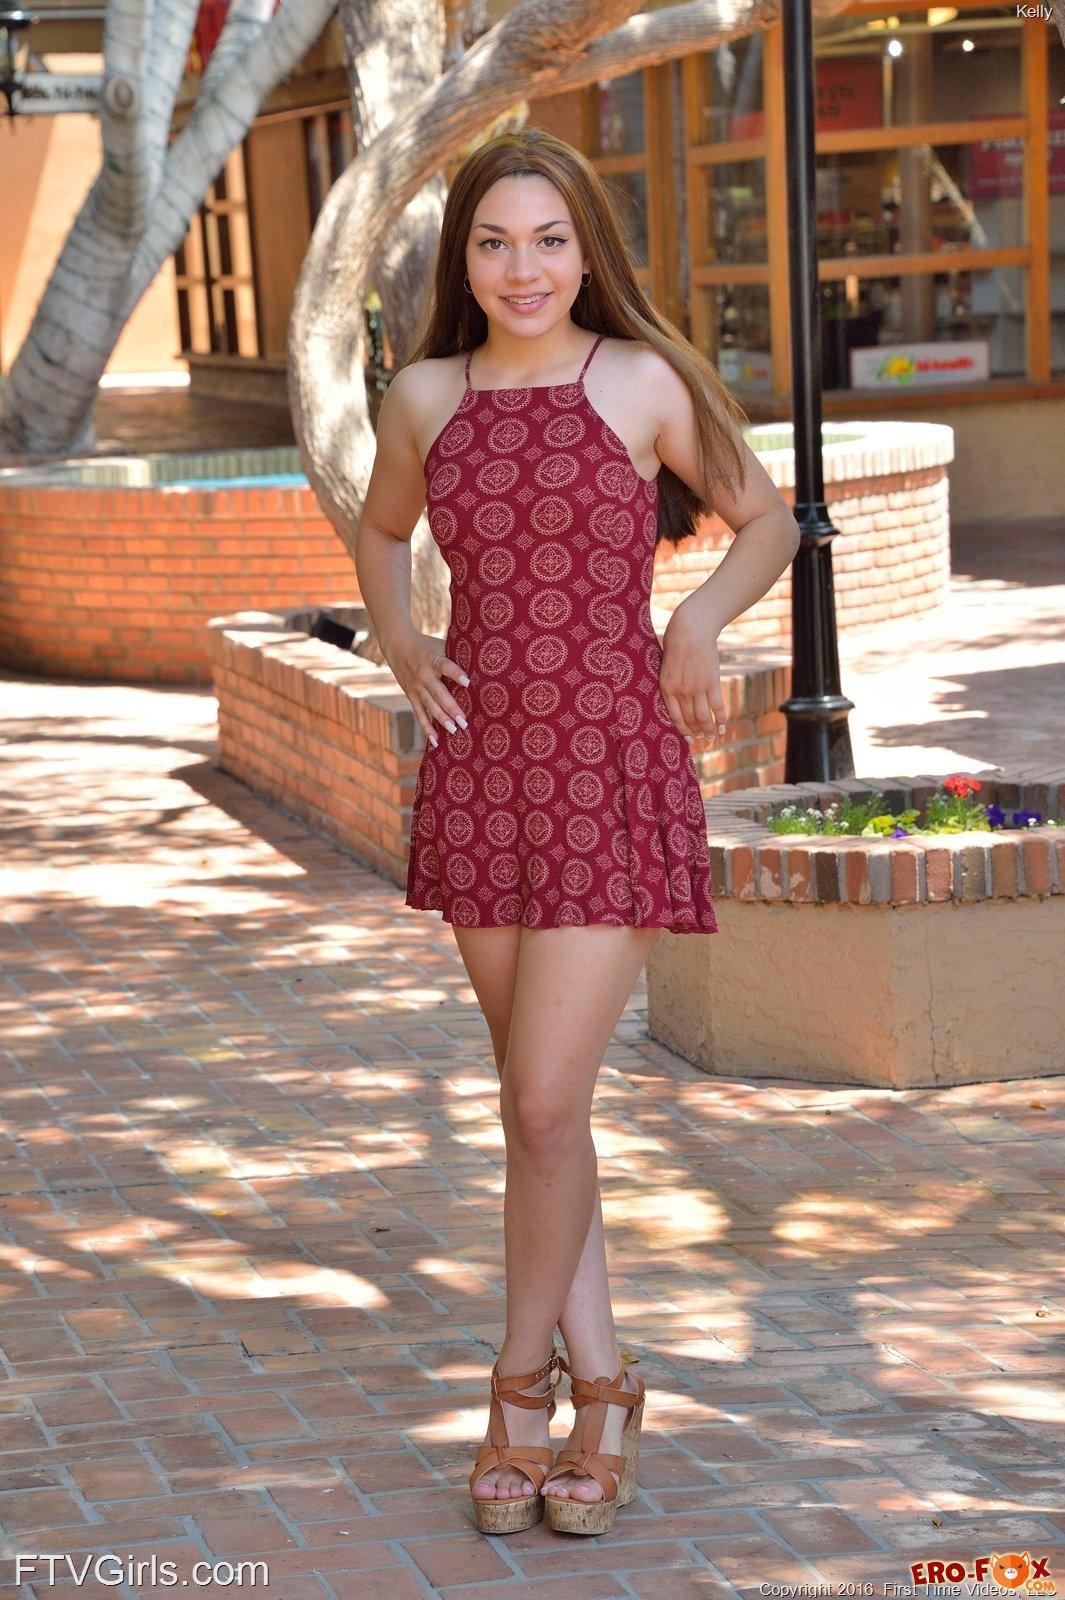 Под платьем нет трусиков фото фото 150-487